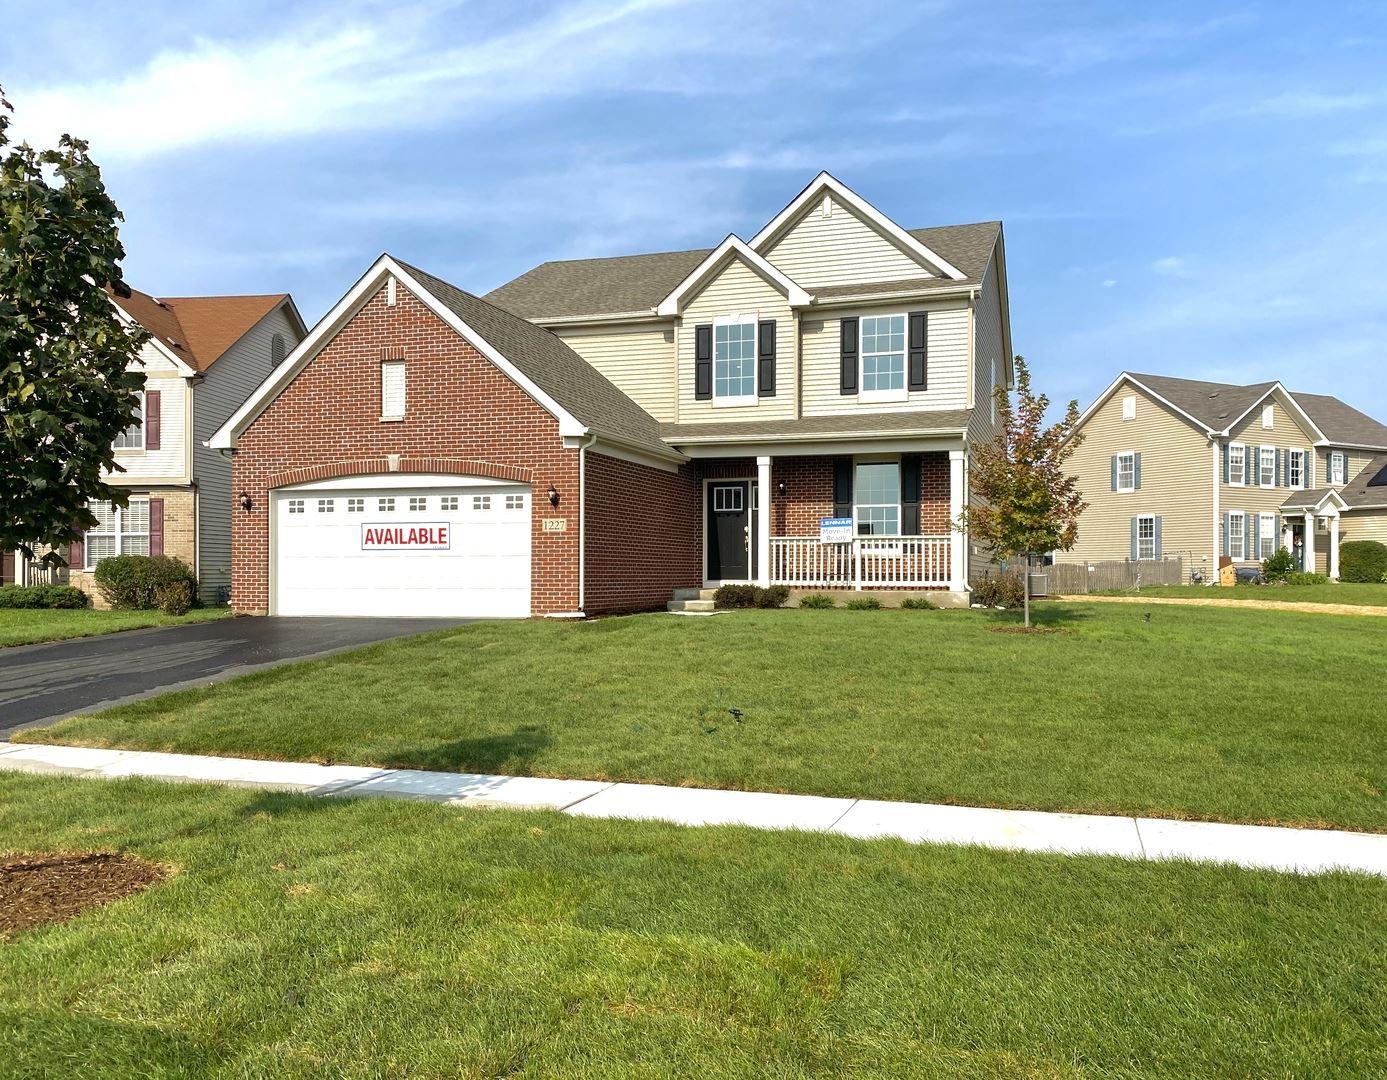 Photo of 1219 Sage Circle, Joliet, IL 60431 (MLS # 10910604)